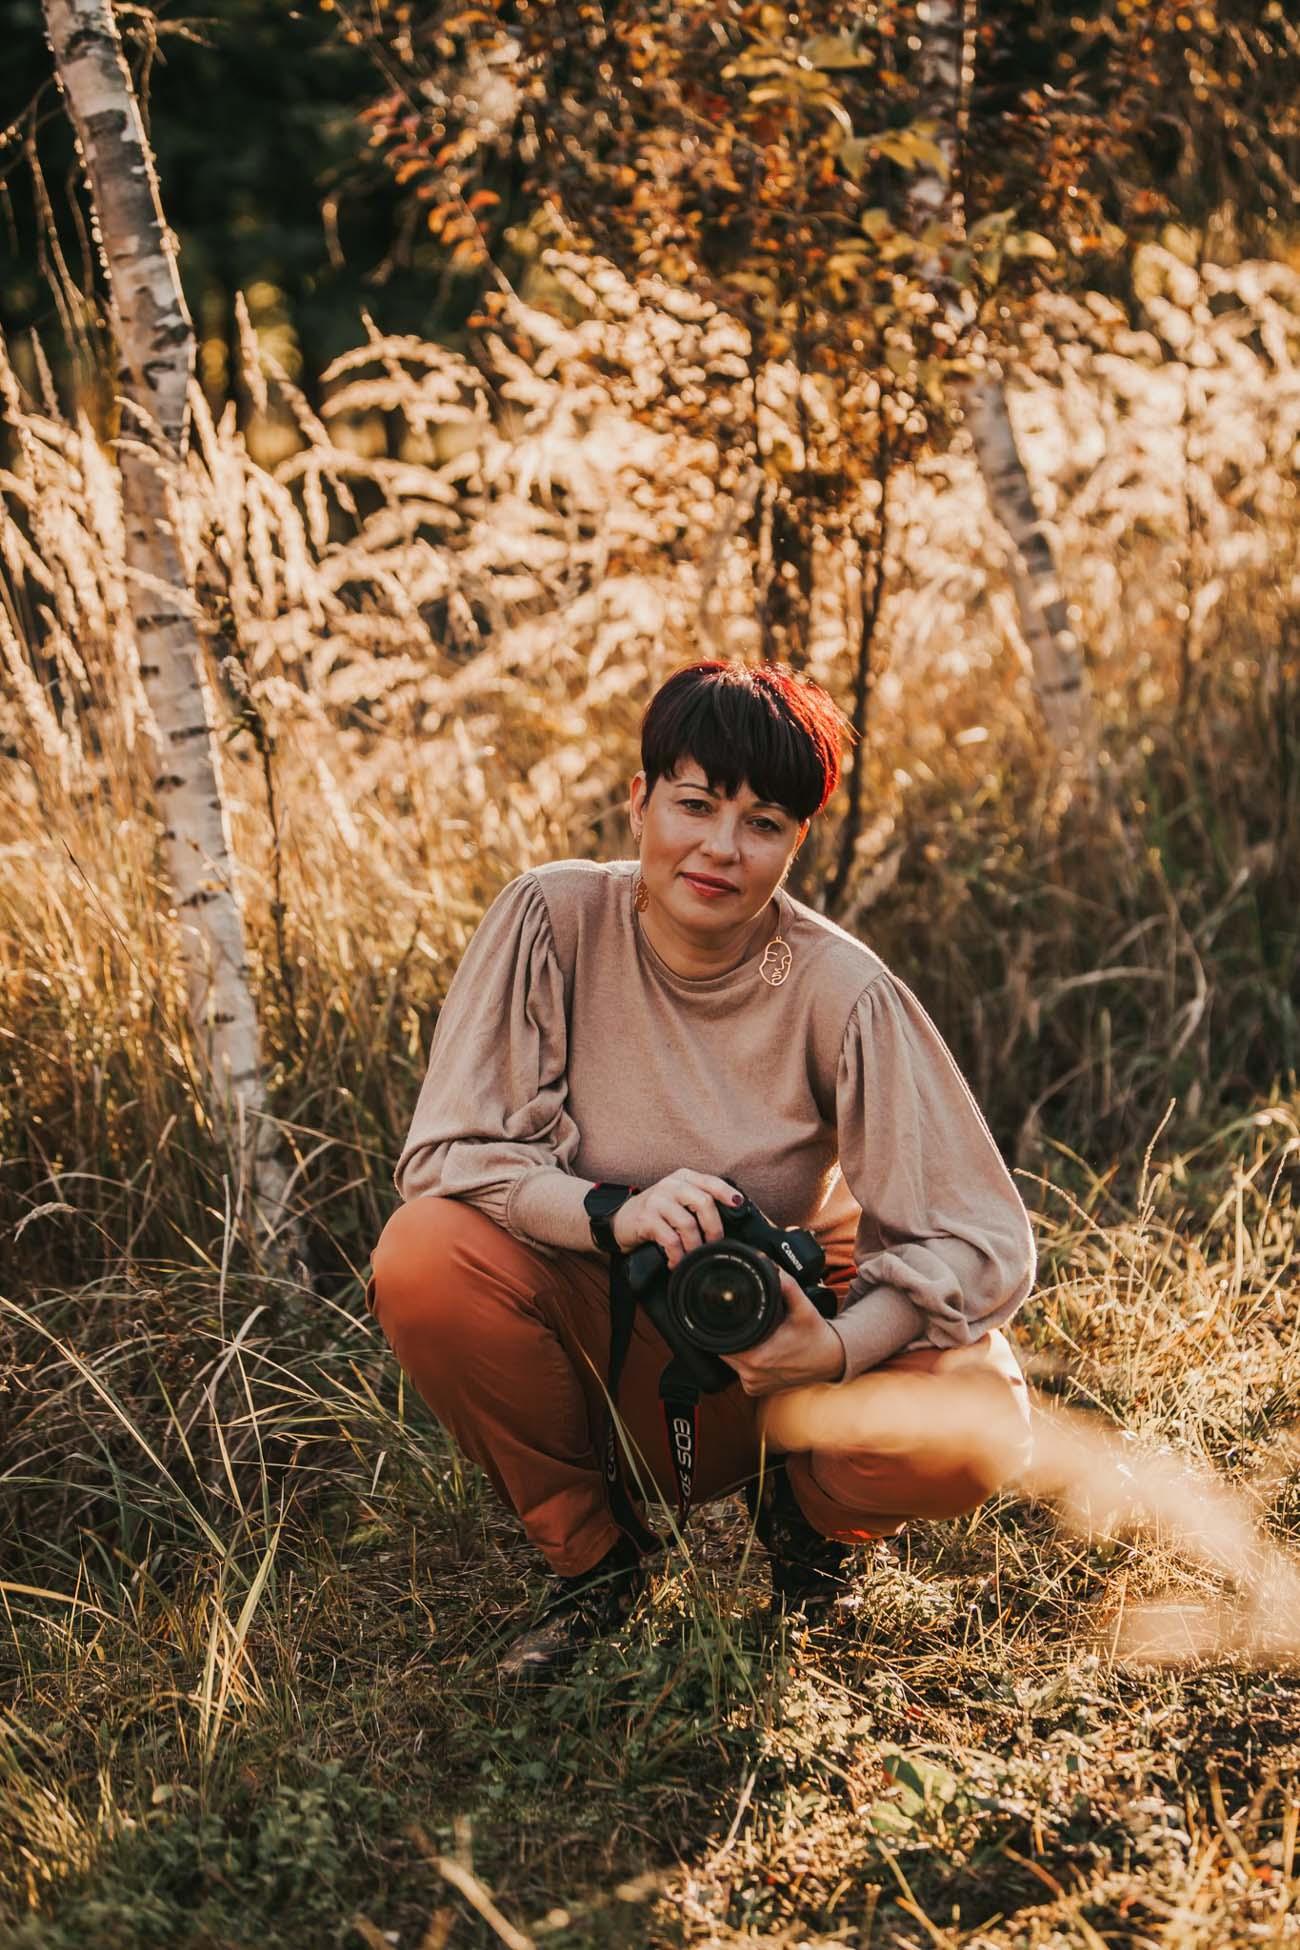 Pissors Marietta Photography